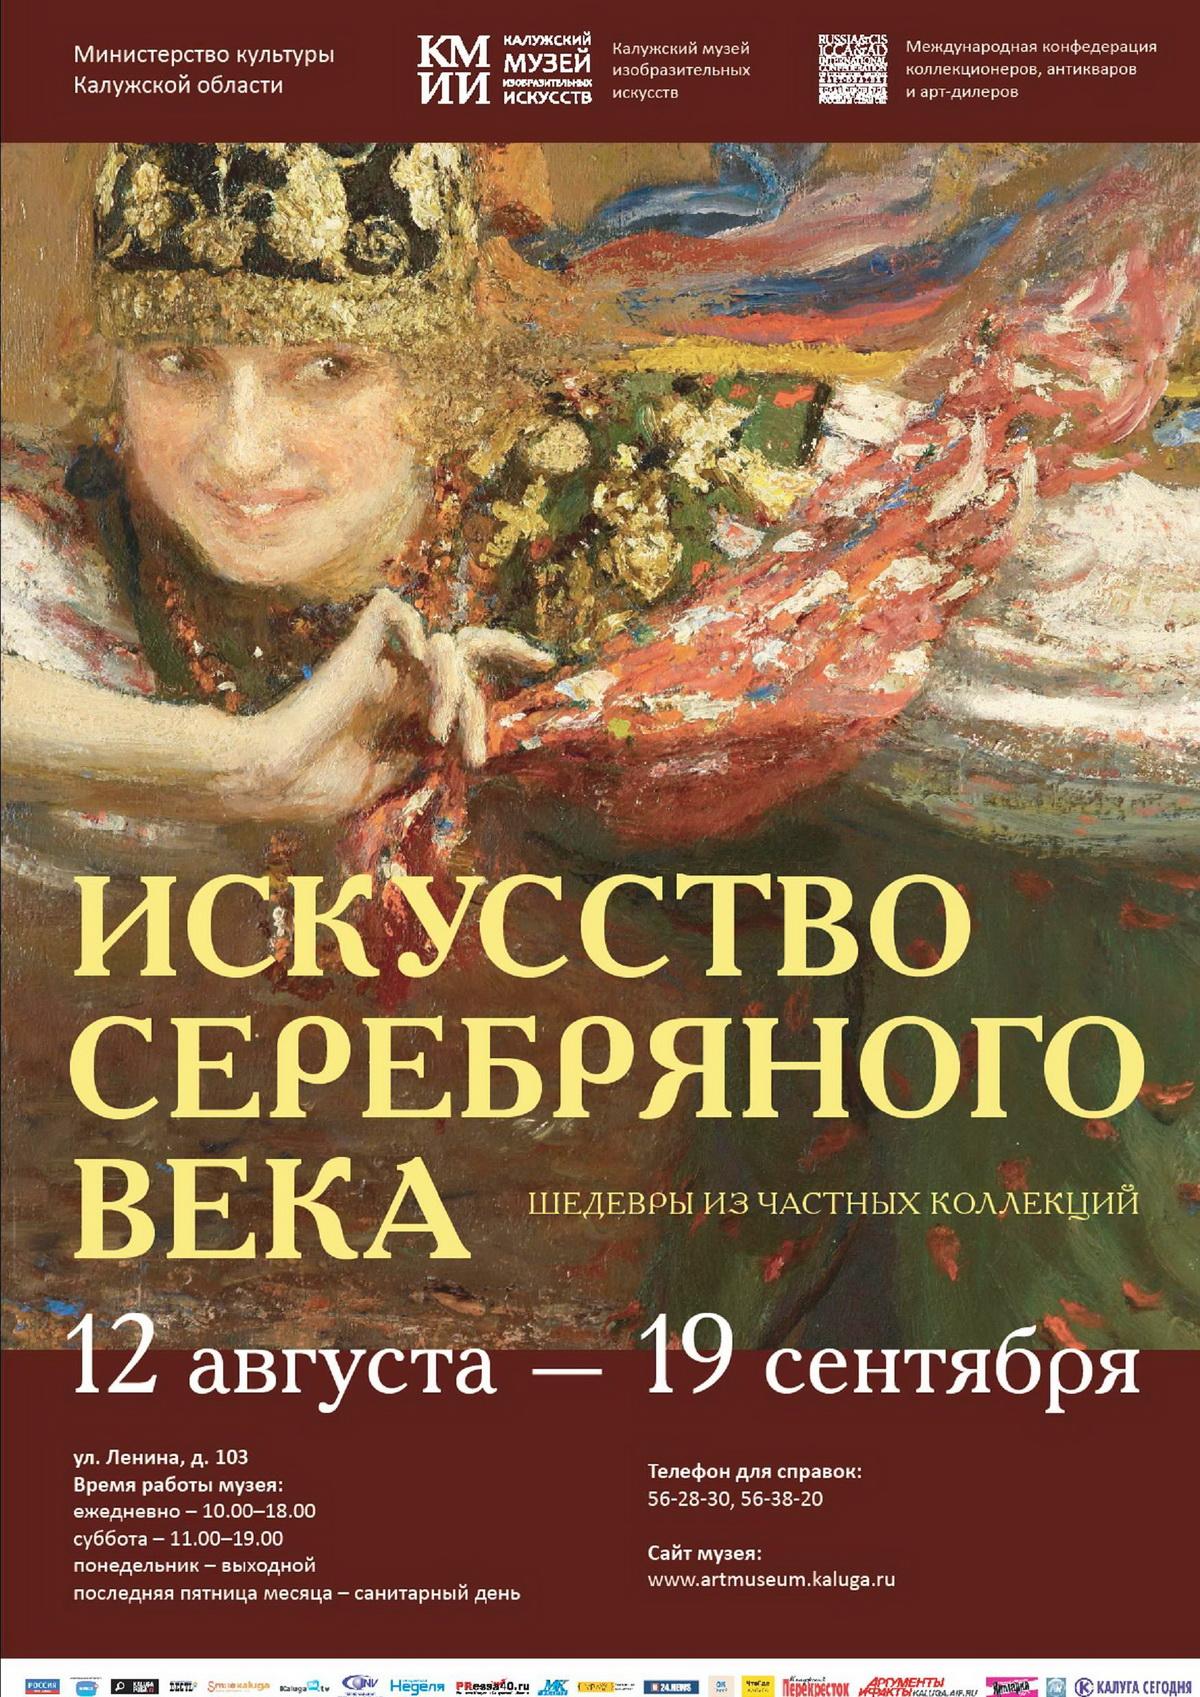 Выставка «Шедевры из частных коллекций. Искусство Серебряного века»